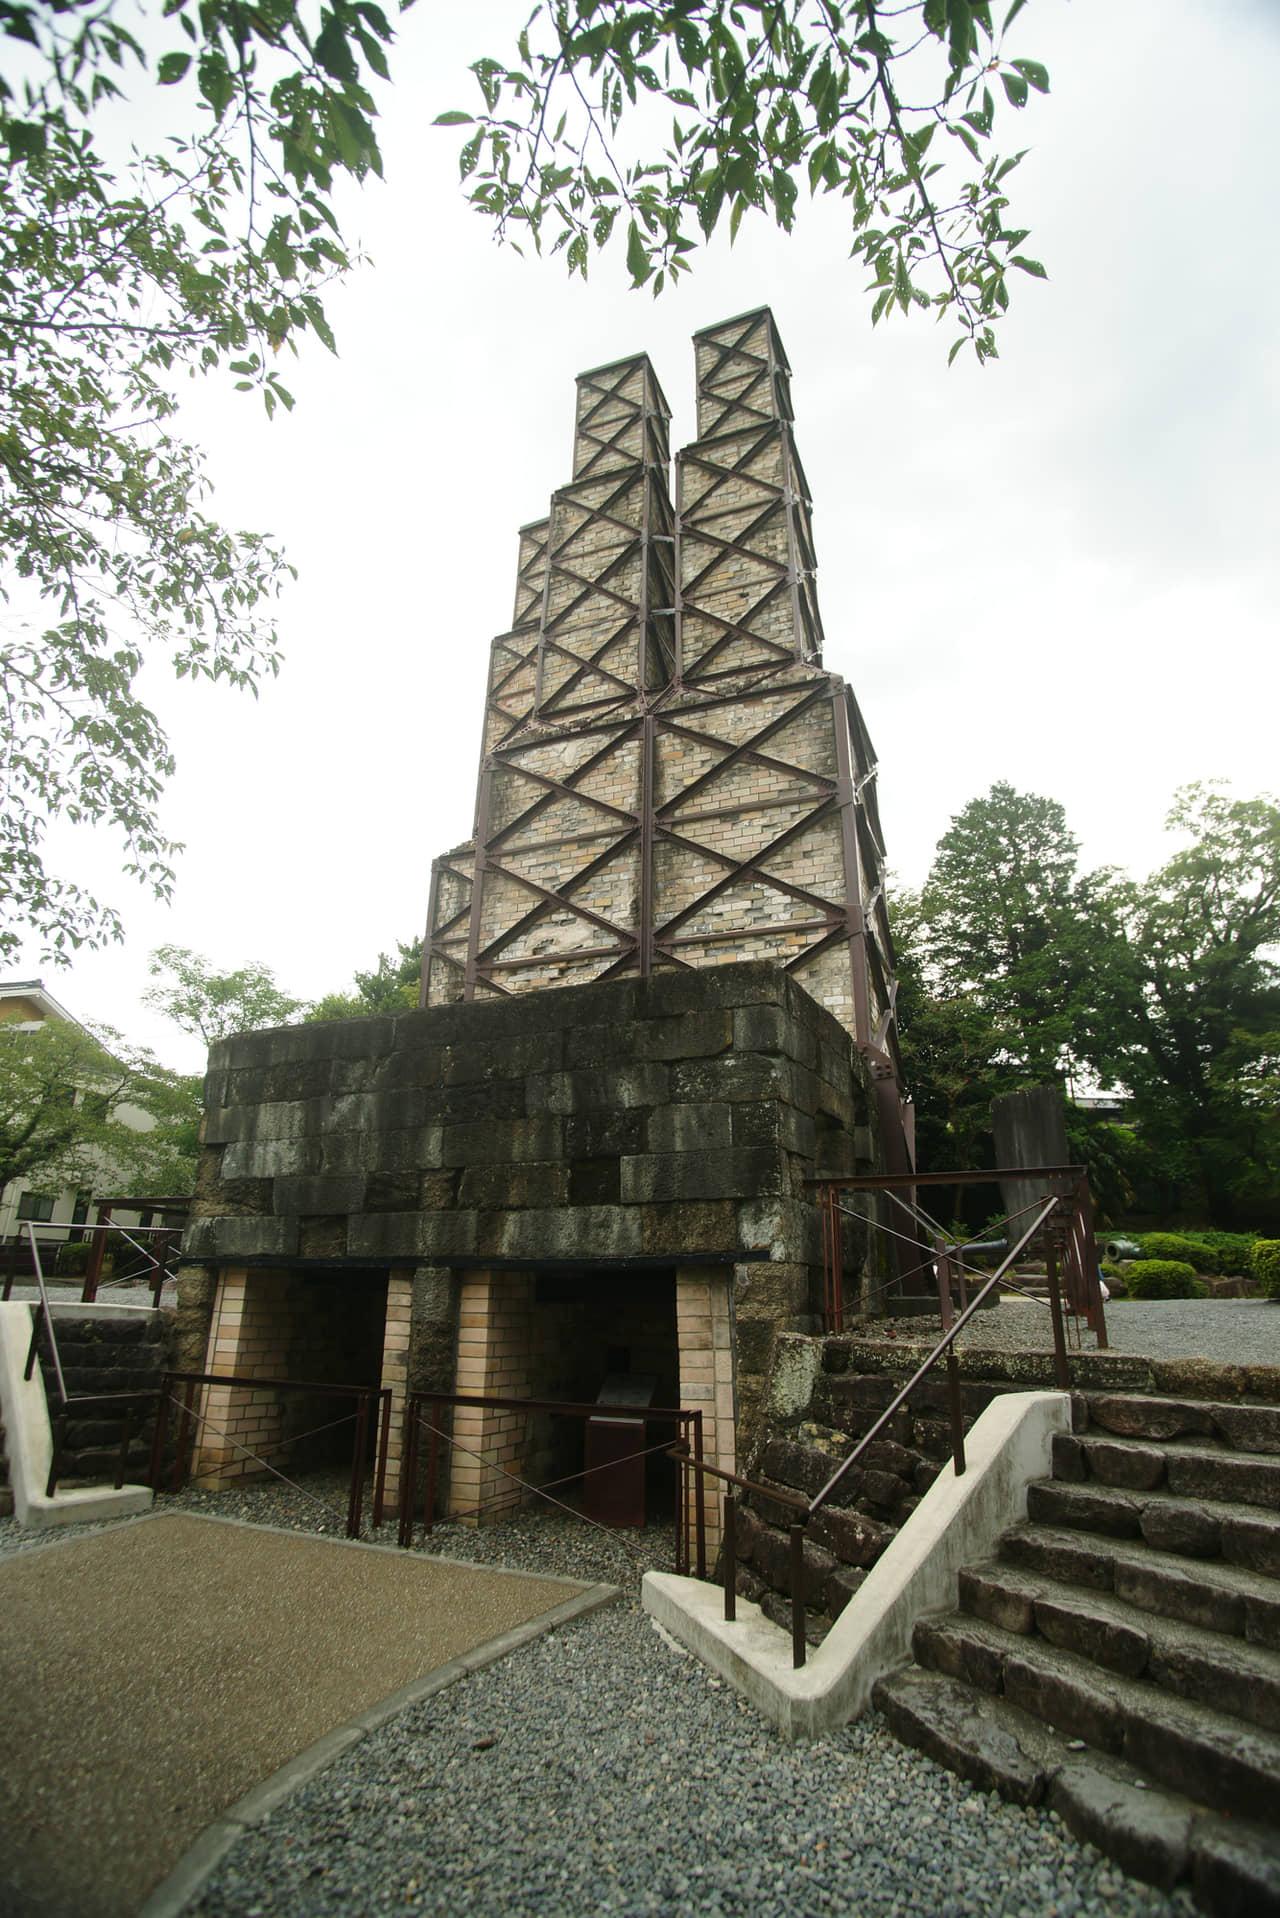 反射炉・御台場を築造した「日本近代化の父」江川太郎左衛門英龍(えがわたろうざえもんひでたつ)